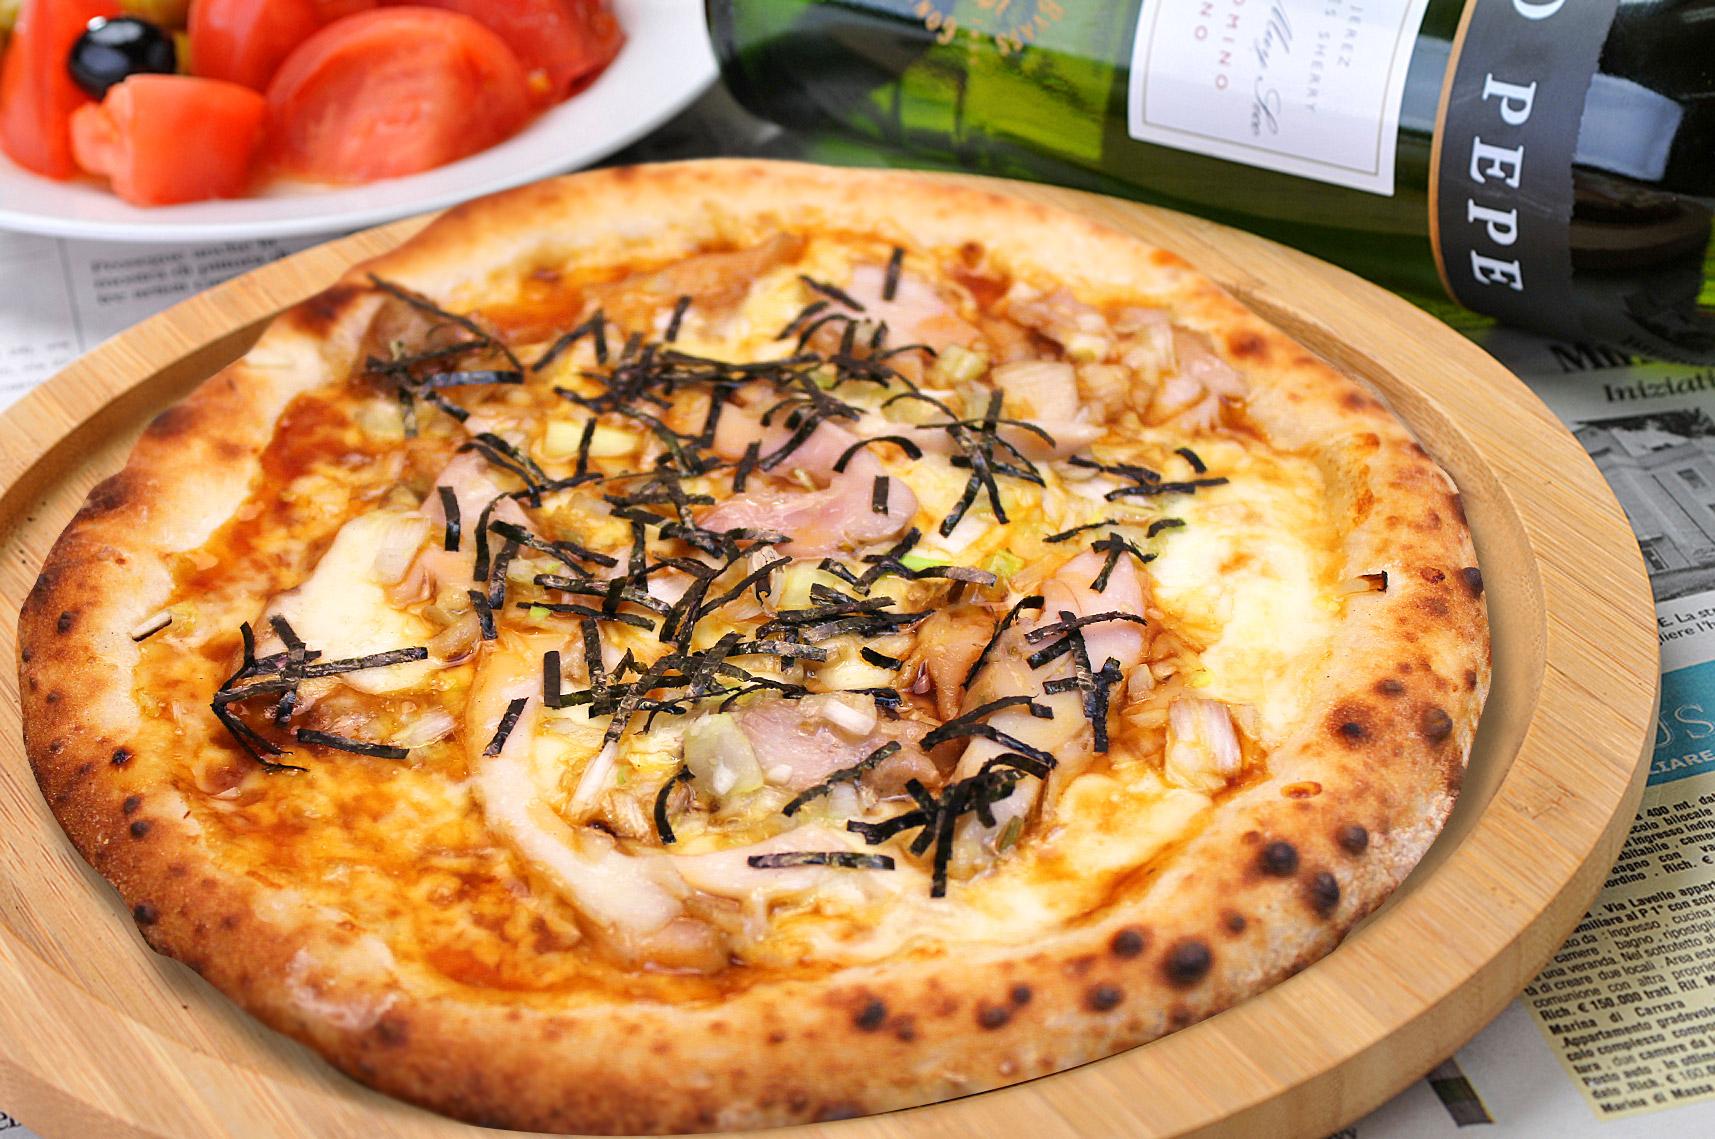 冷凍ピザに注目!トマトソース以外の人気メニューをご紹介 1